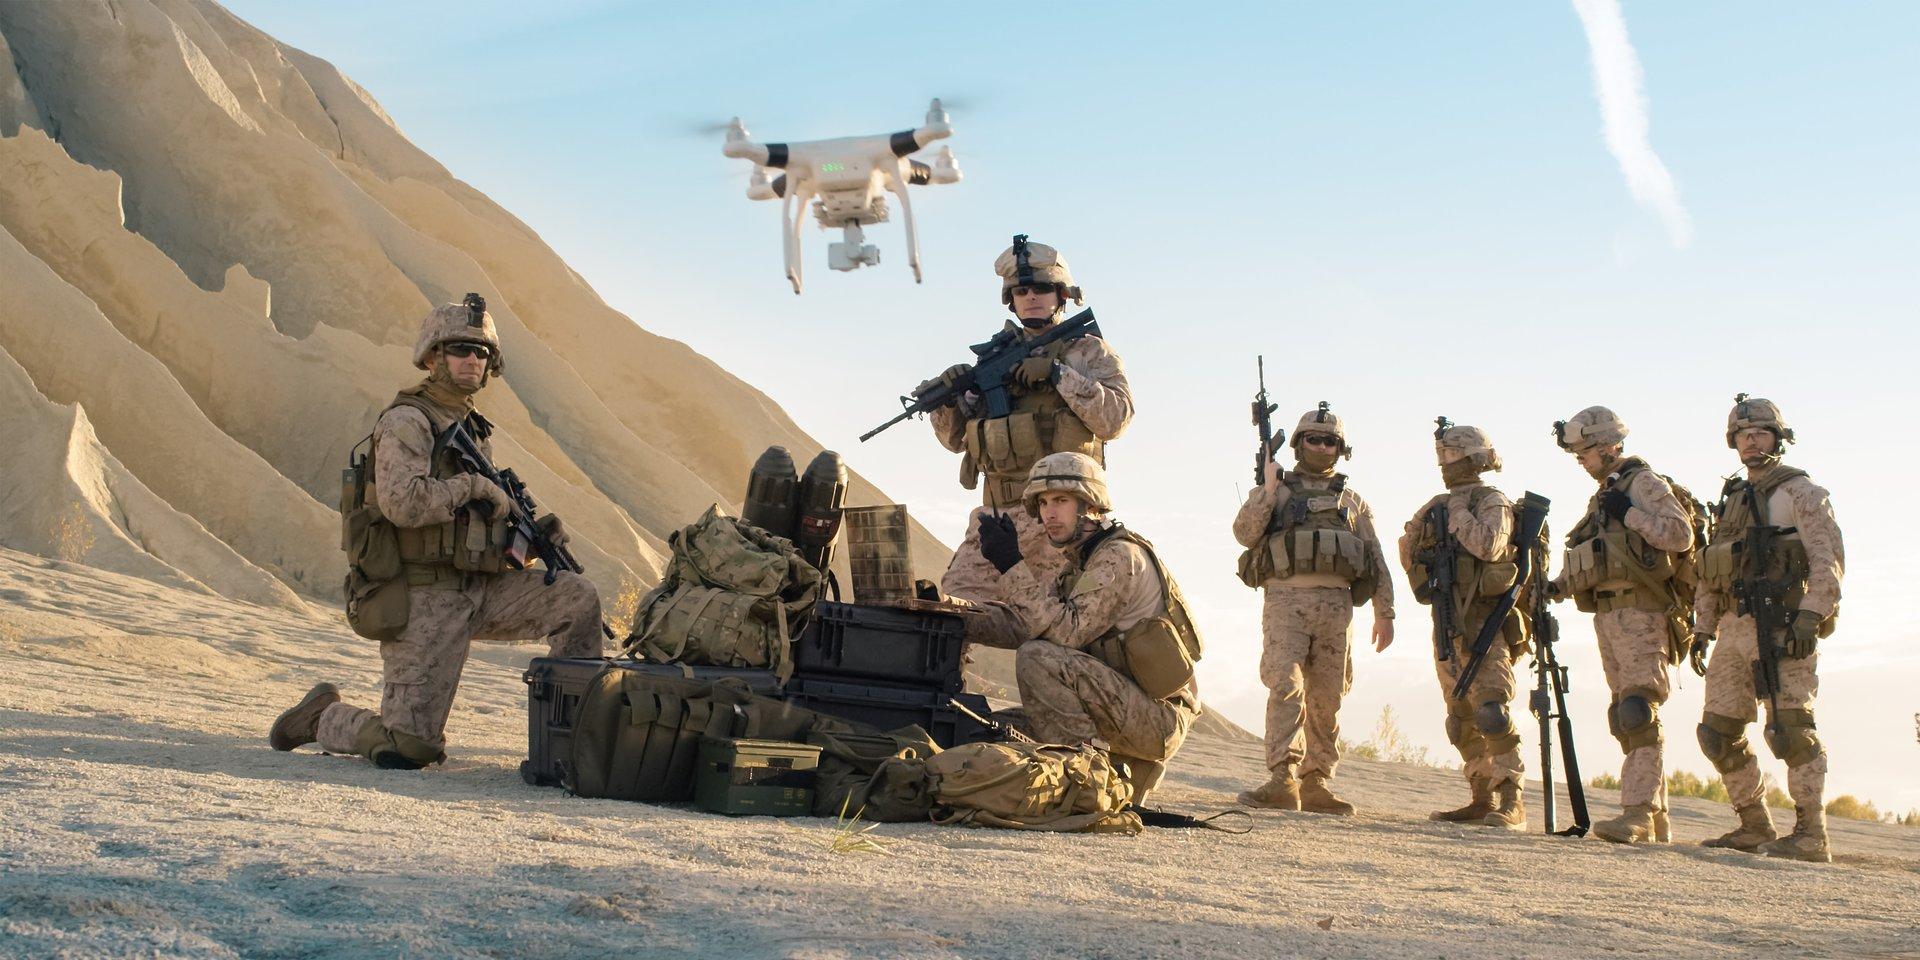 """Czy inteligentne maszyny będą potrafiły myśleć i walczyć za człowieka? Premiera serii """"Wojny przyszłości"""" w National Geographic"""